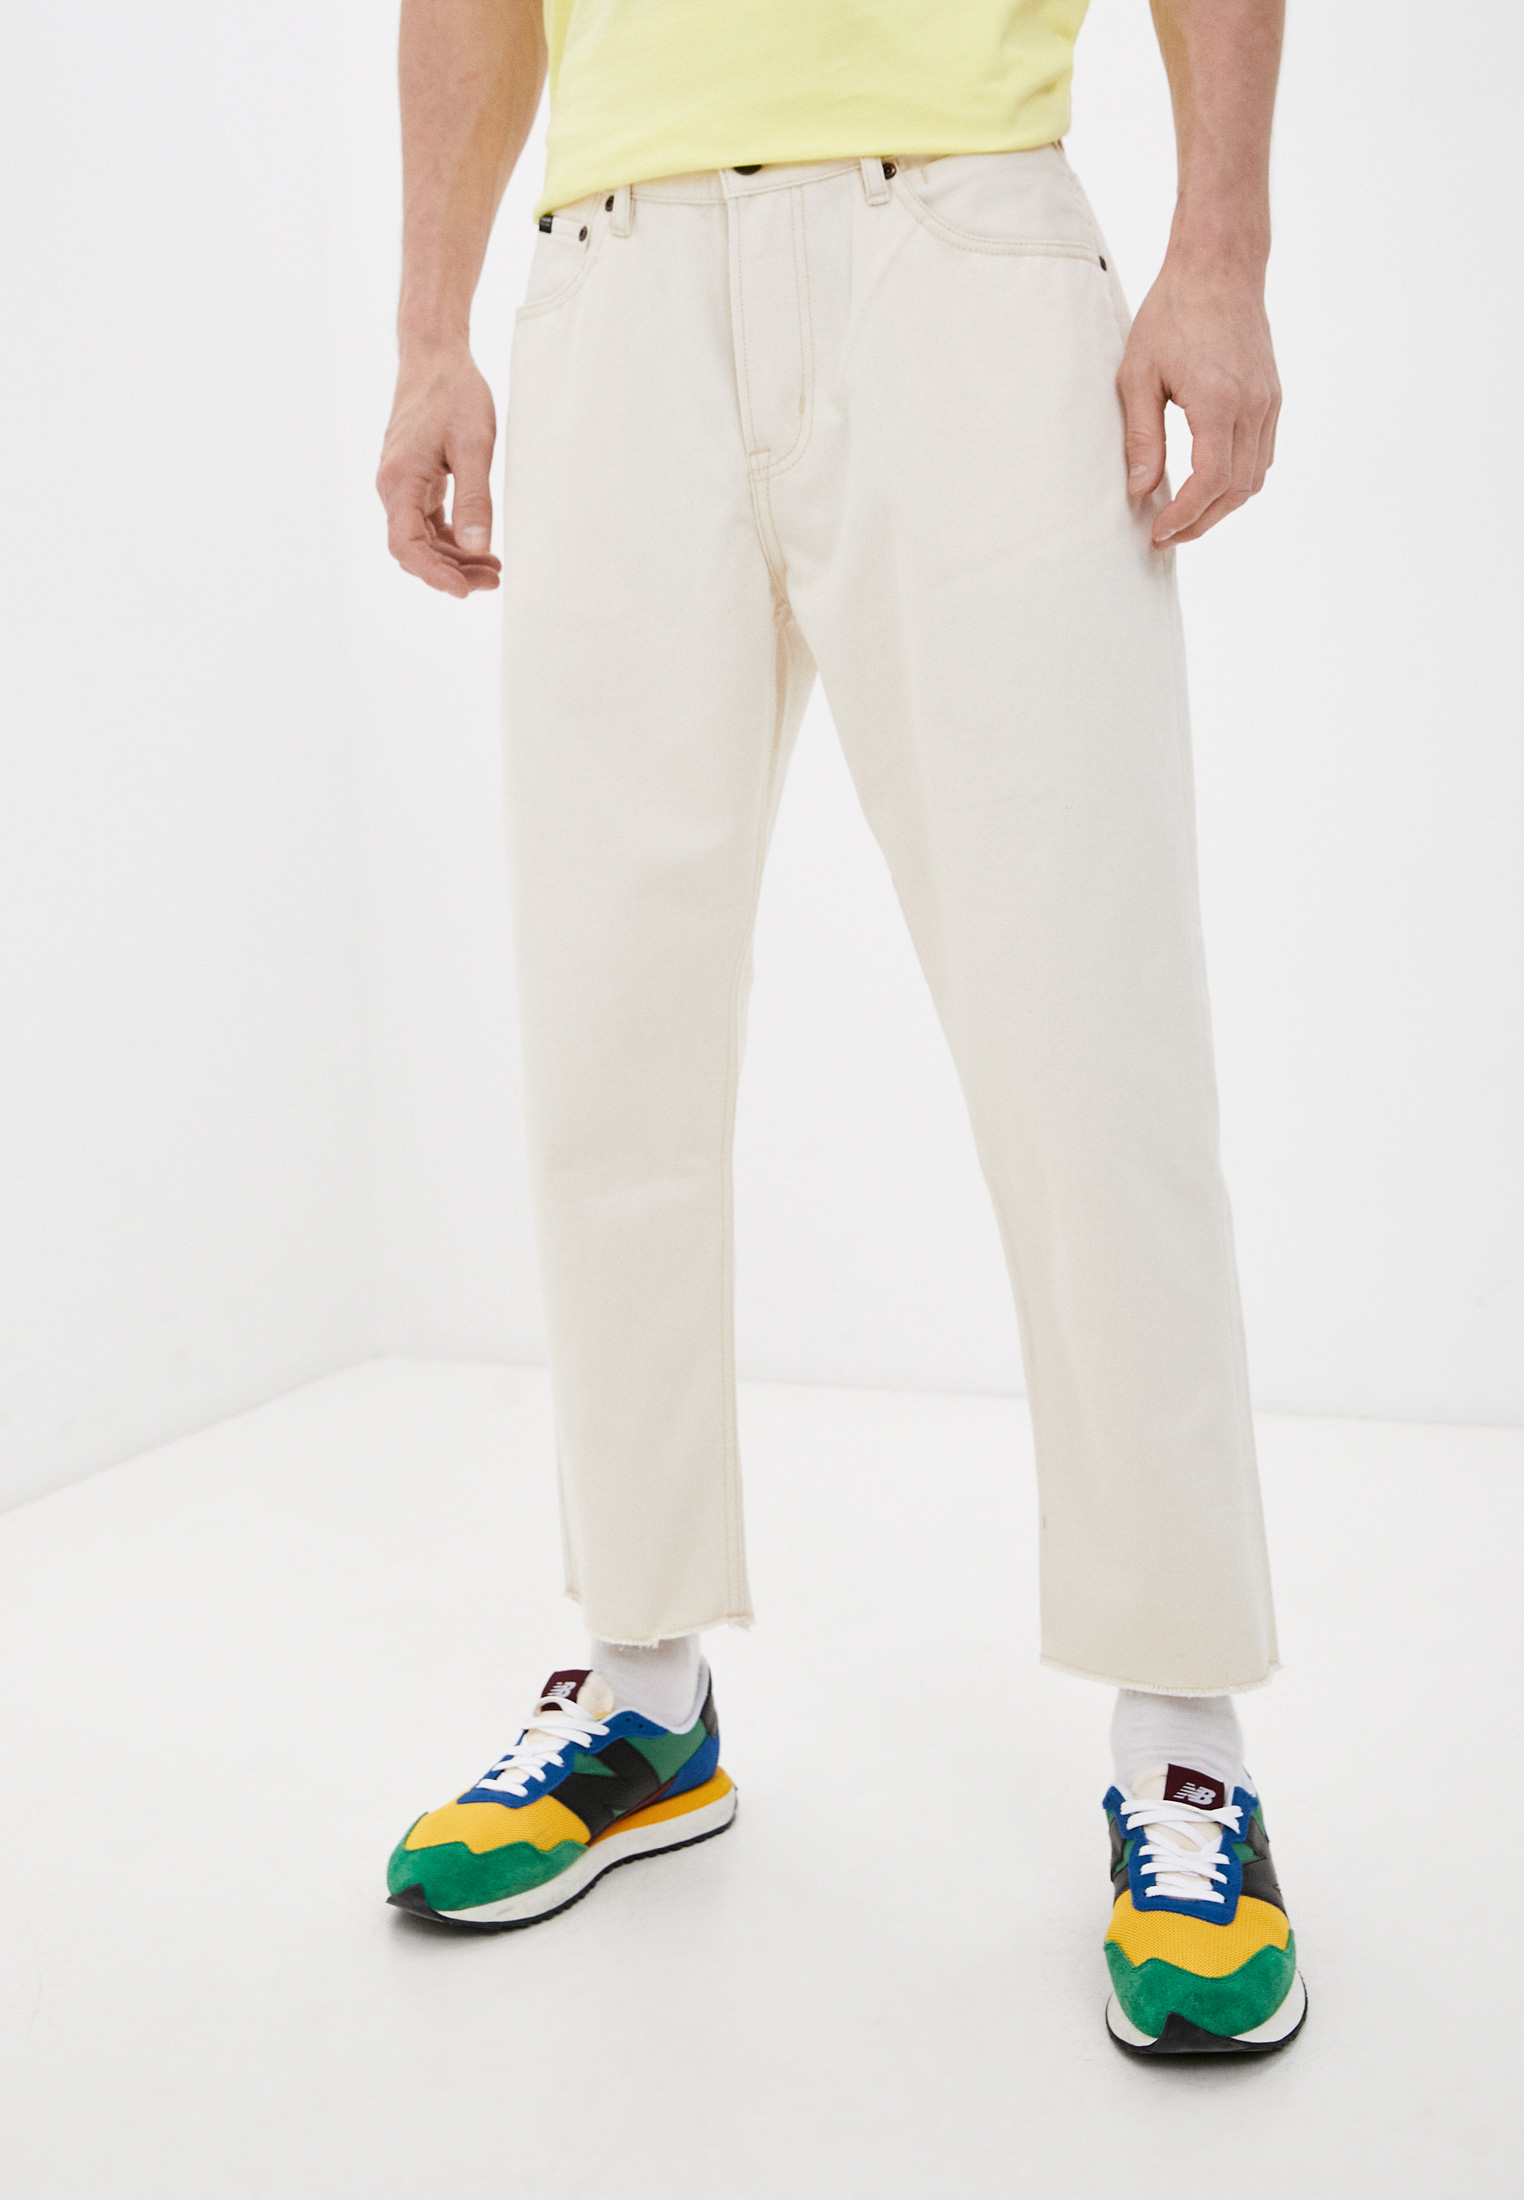 Мужские прямые брюки Quiksilver (Квиксильвер) Брюки Quiksilver